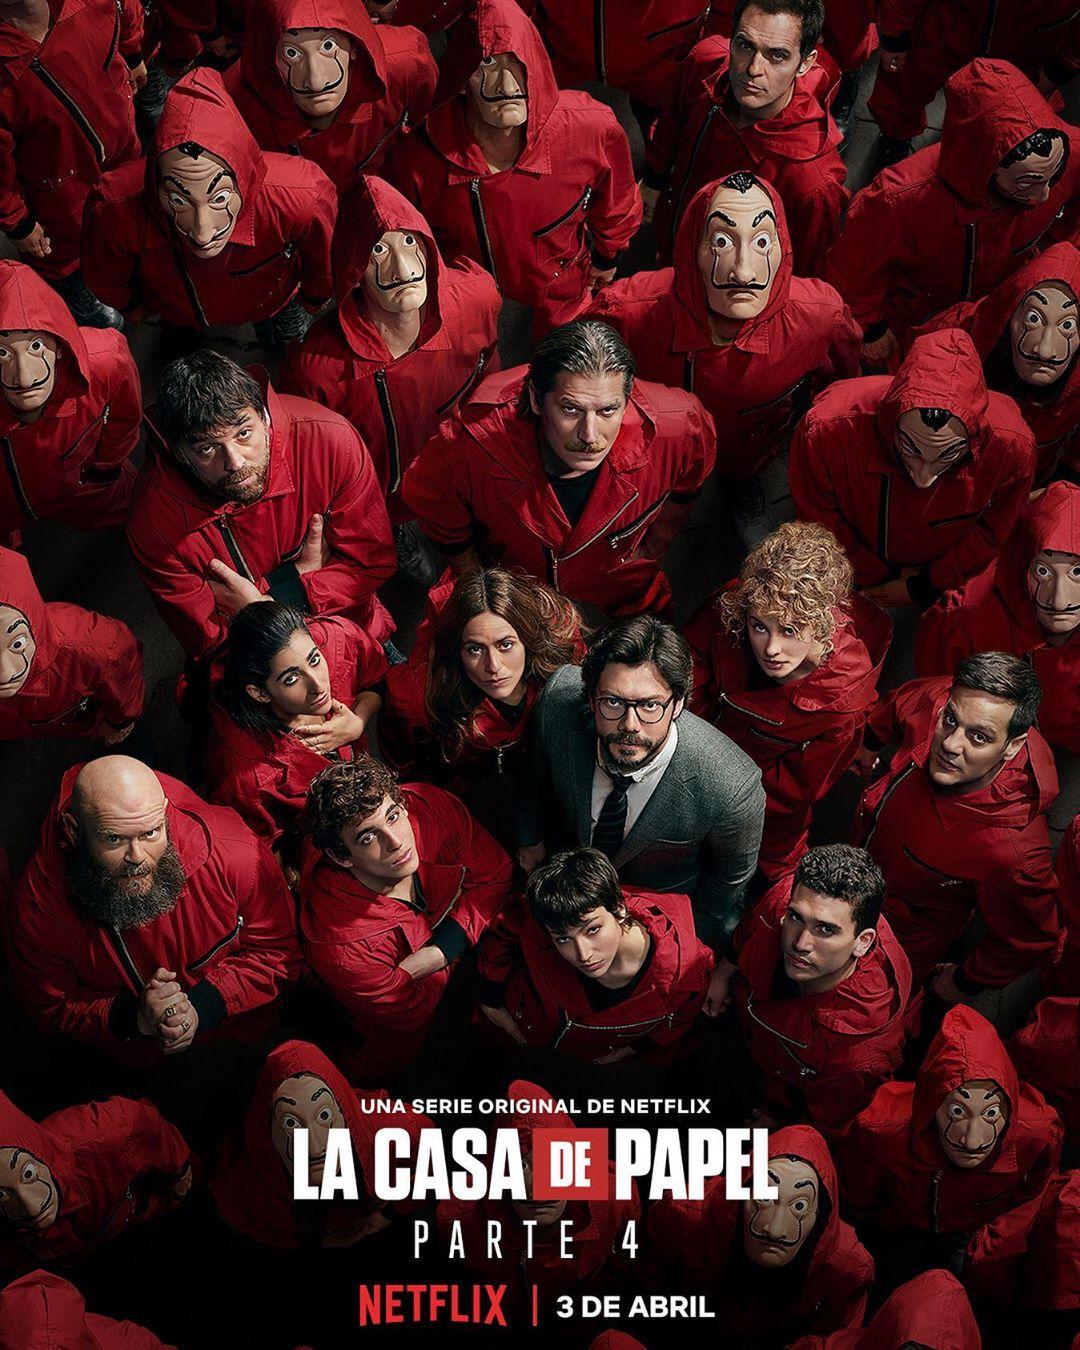 La-Casa-de-Papel-4-resenha-poster